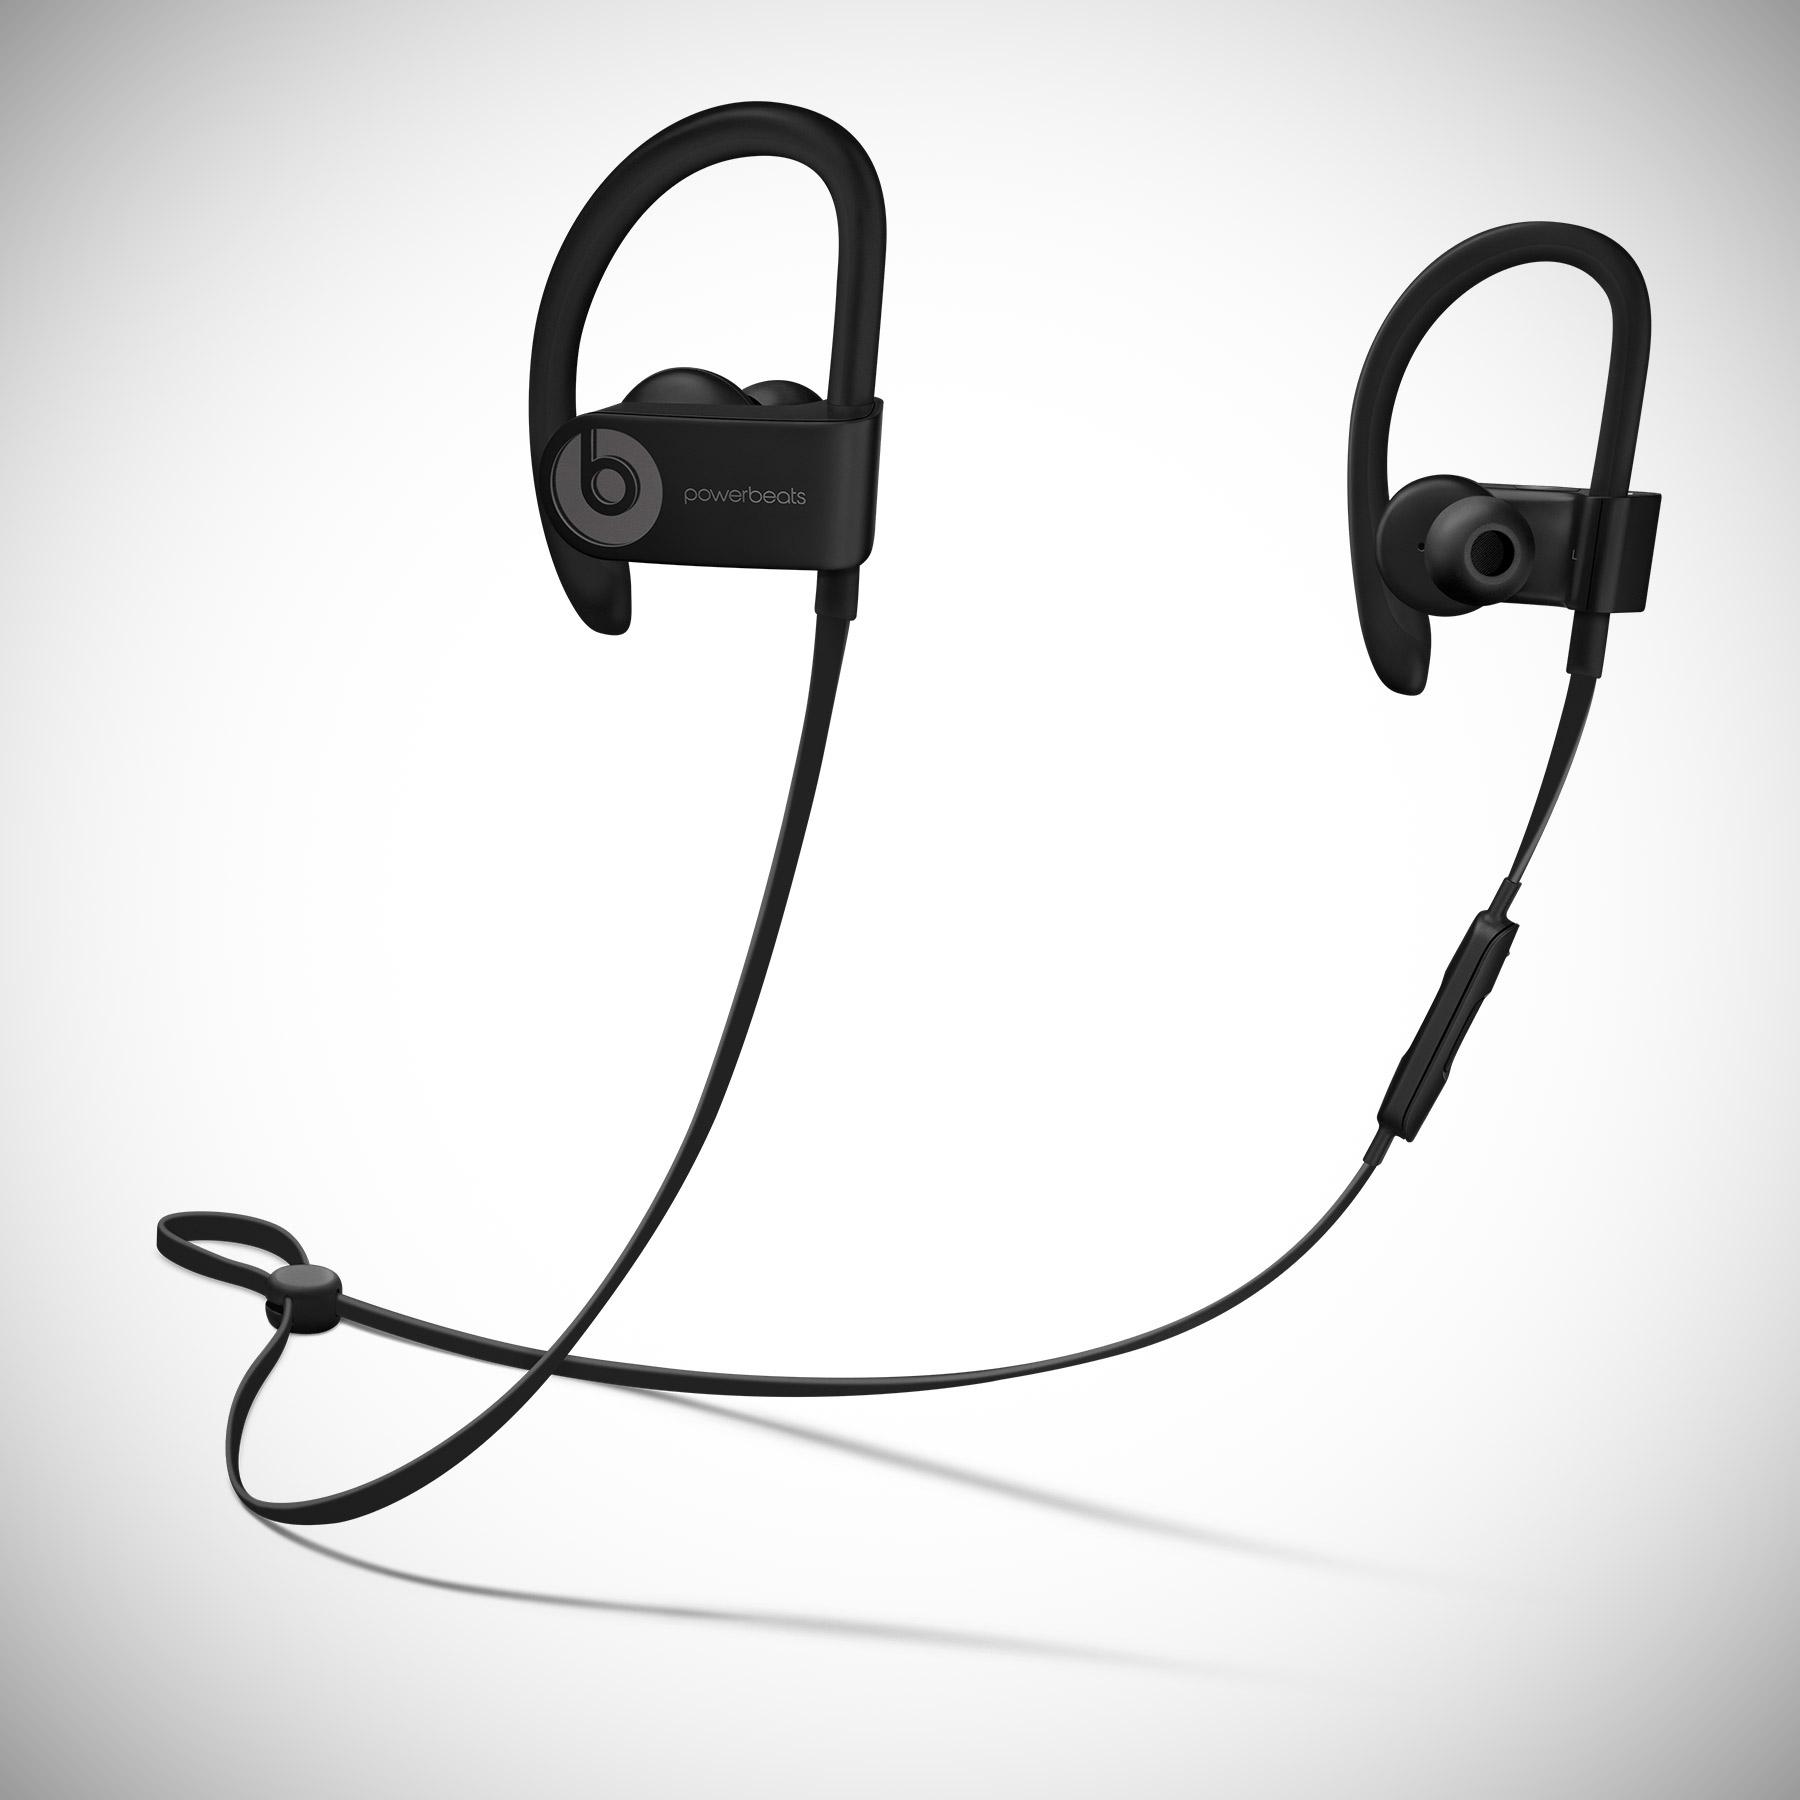 PowerBeats 3 Wireless Sport Earphones Deal